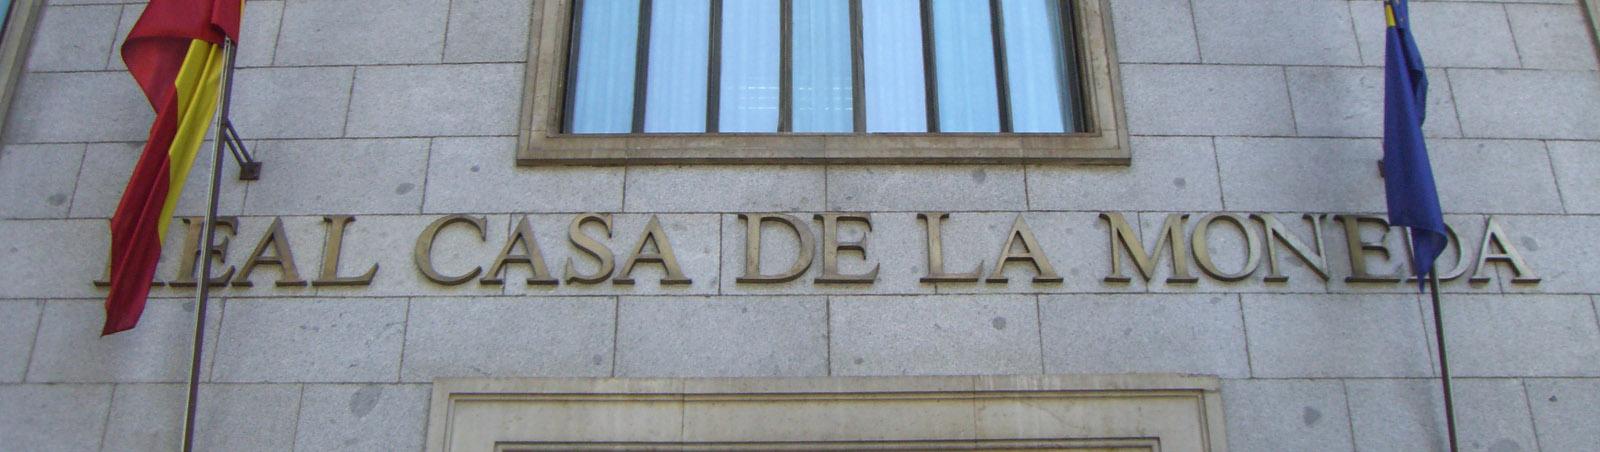 Мадрид, музей денег Real Casa de la Moneda